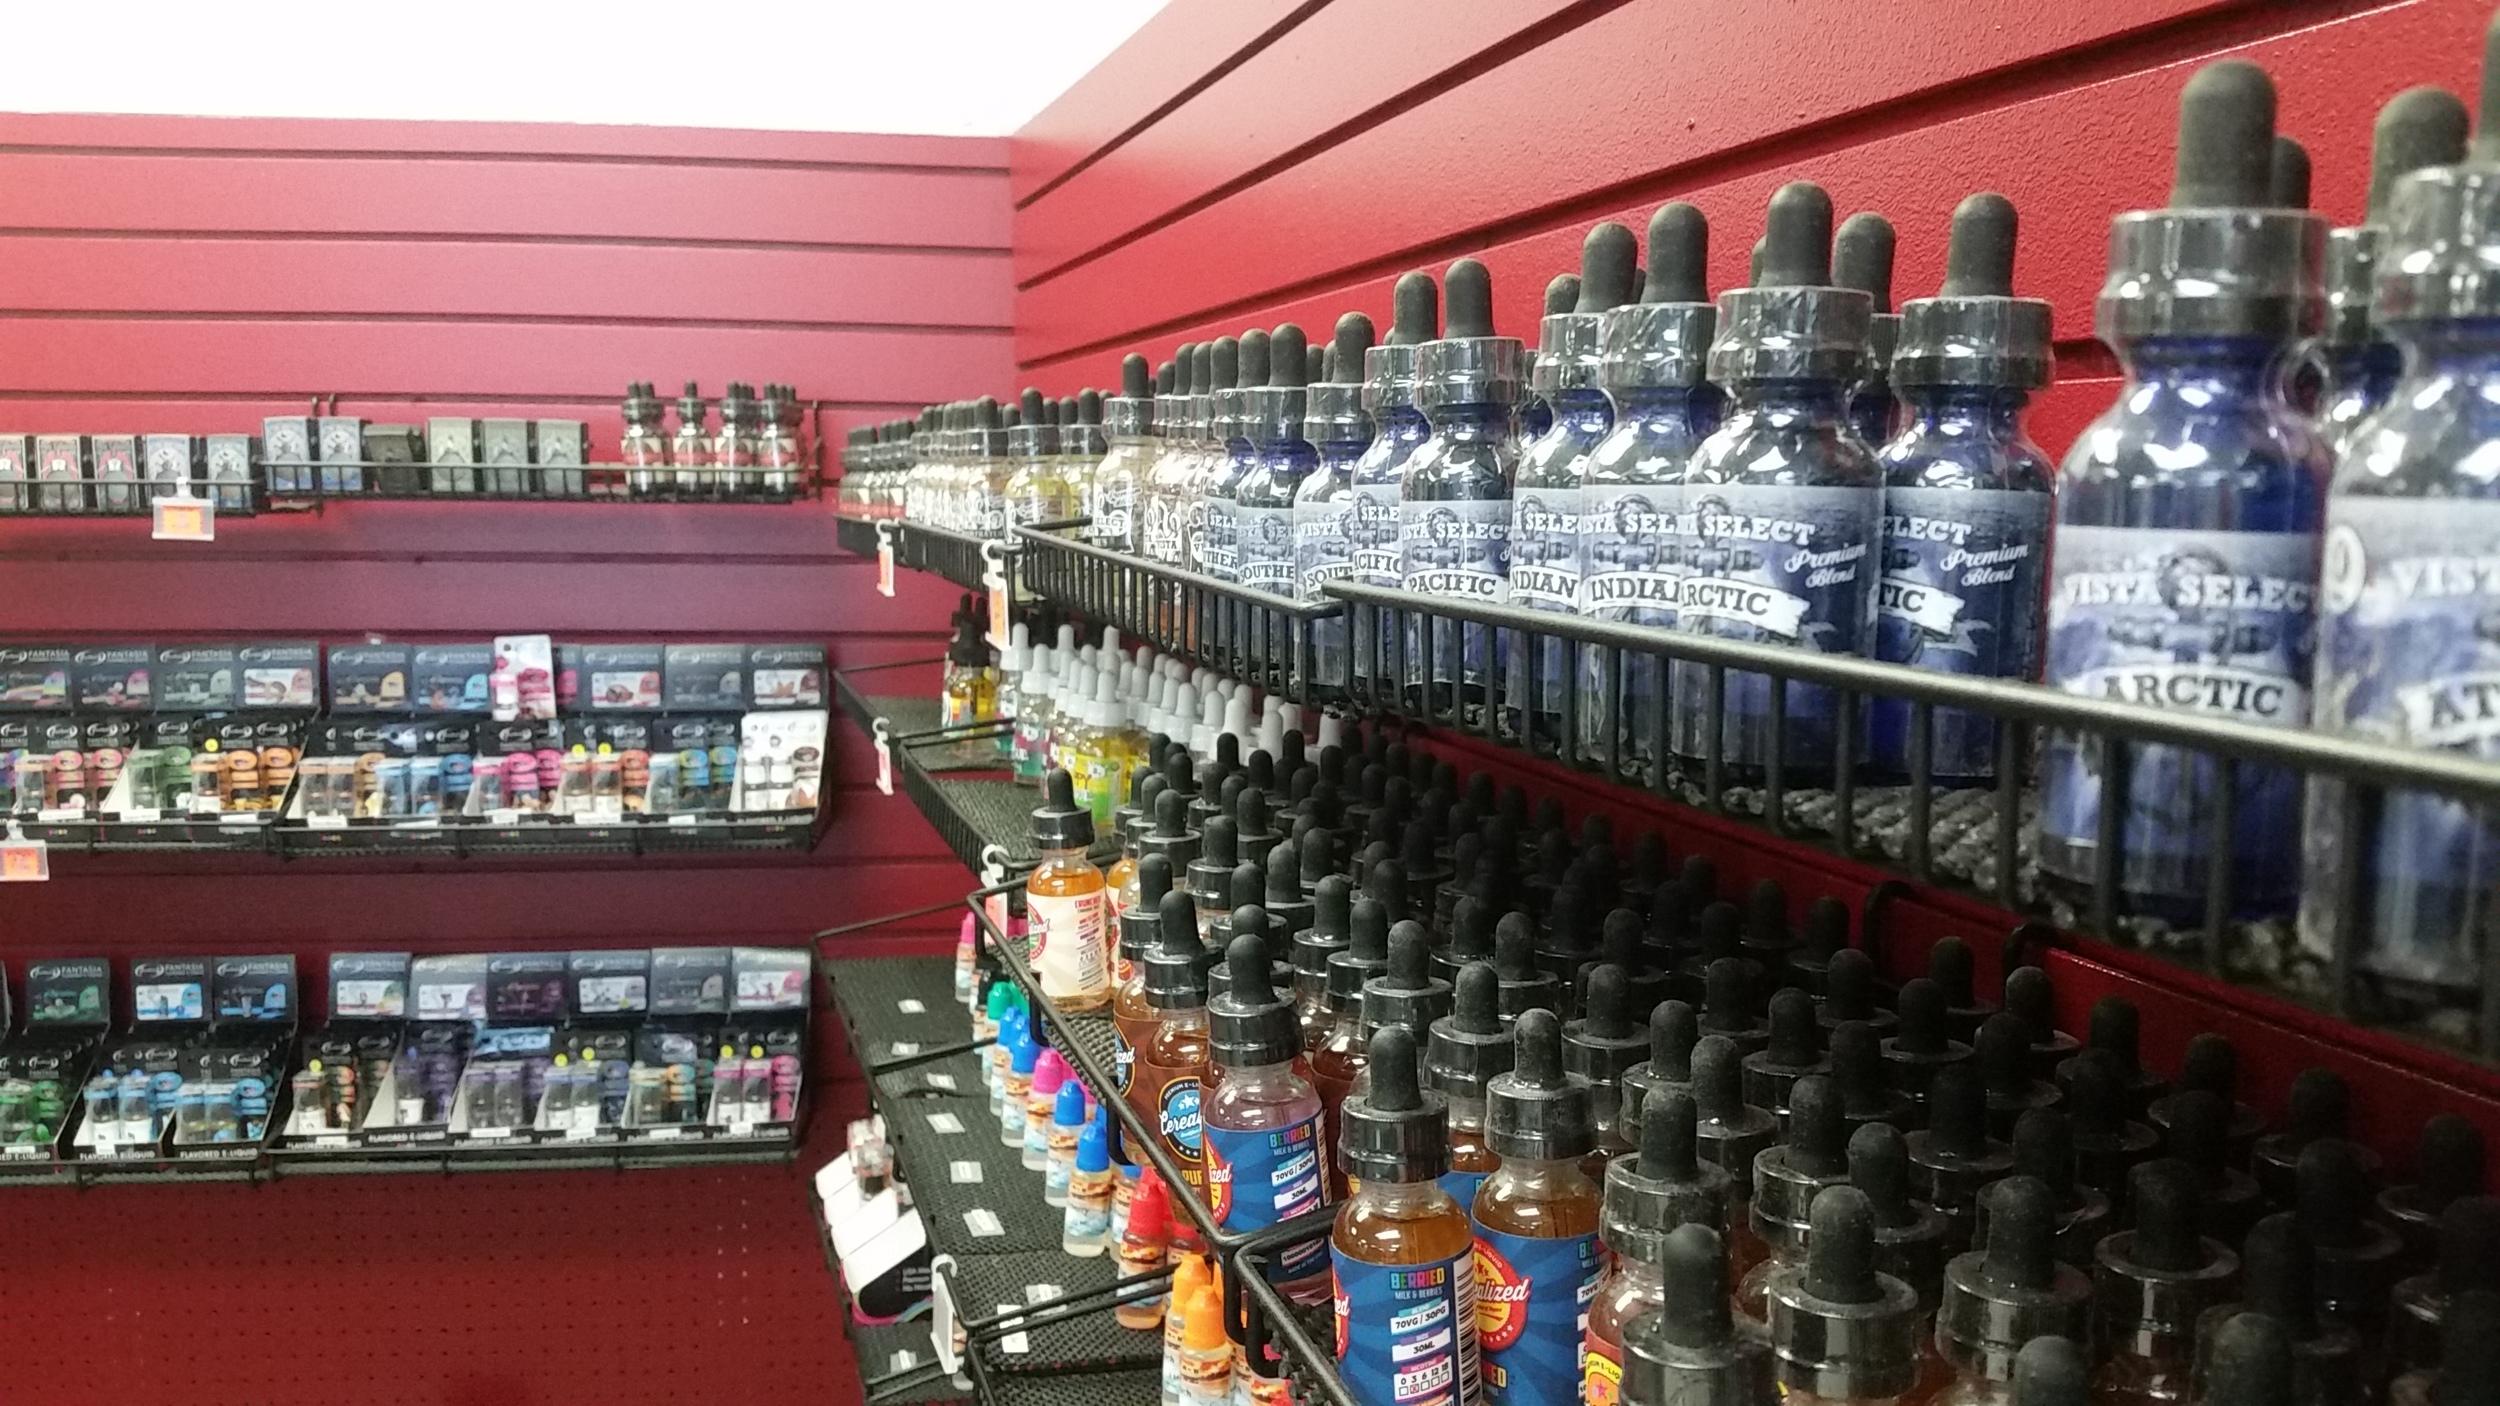 So many e-liquids...